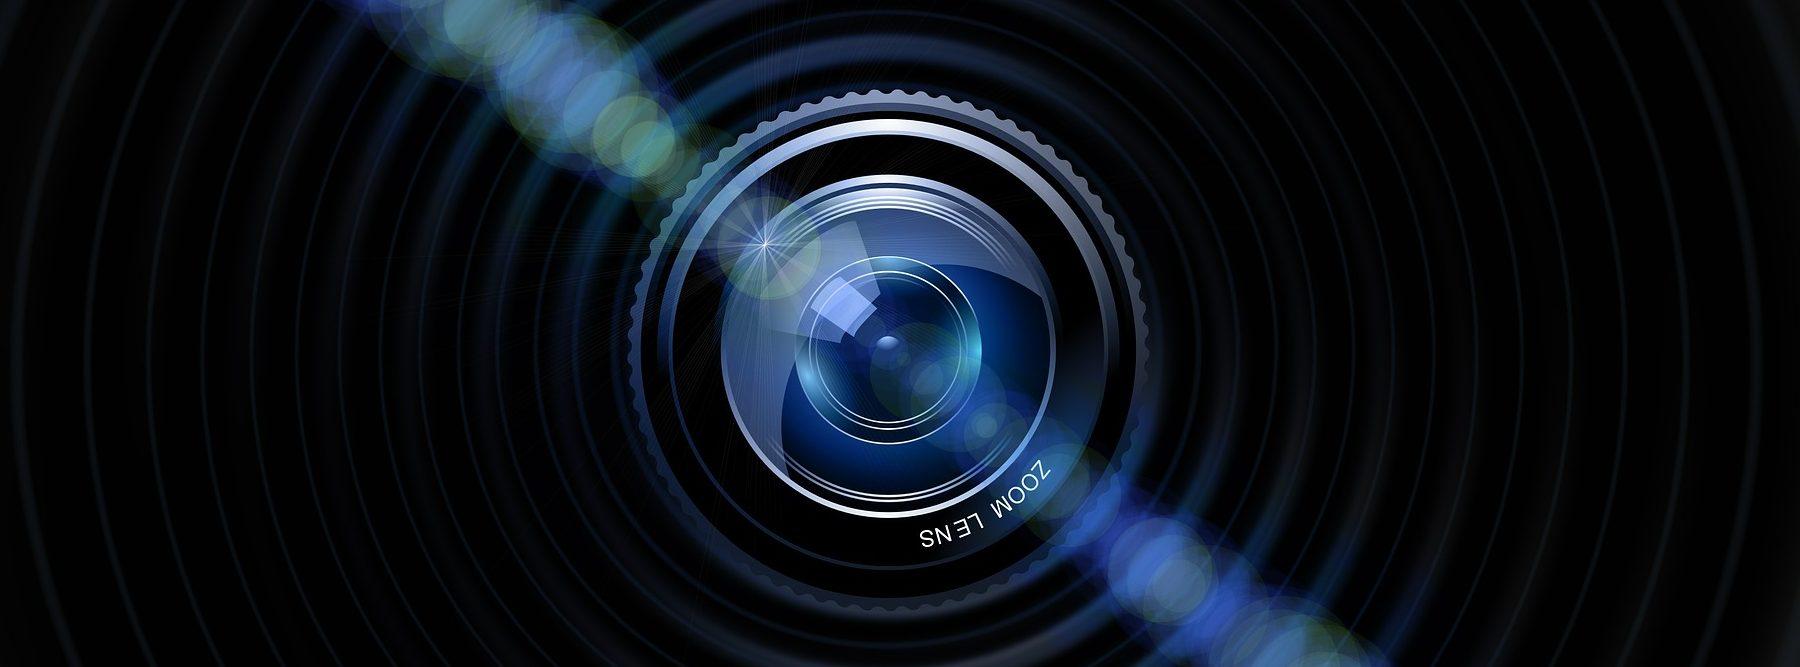 Samsung presenta la cámara más pequeña del mundo